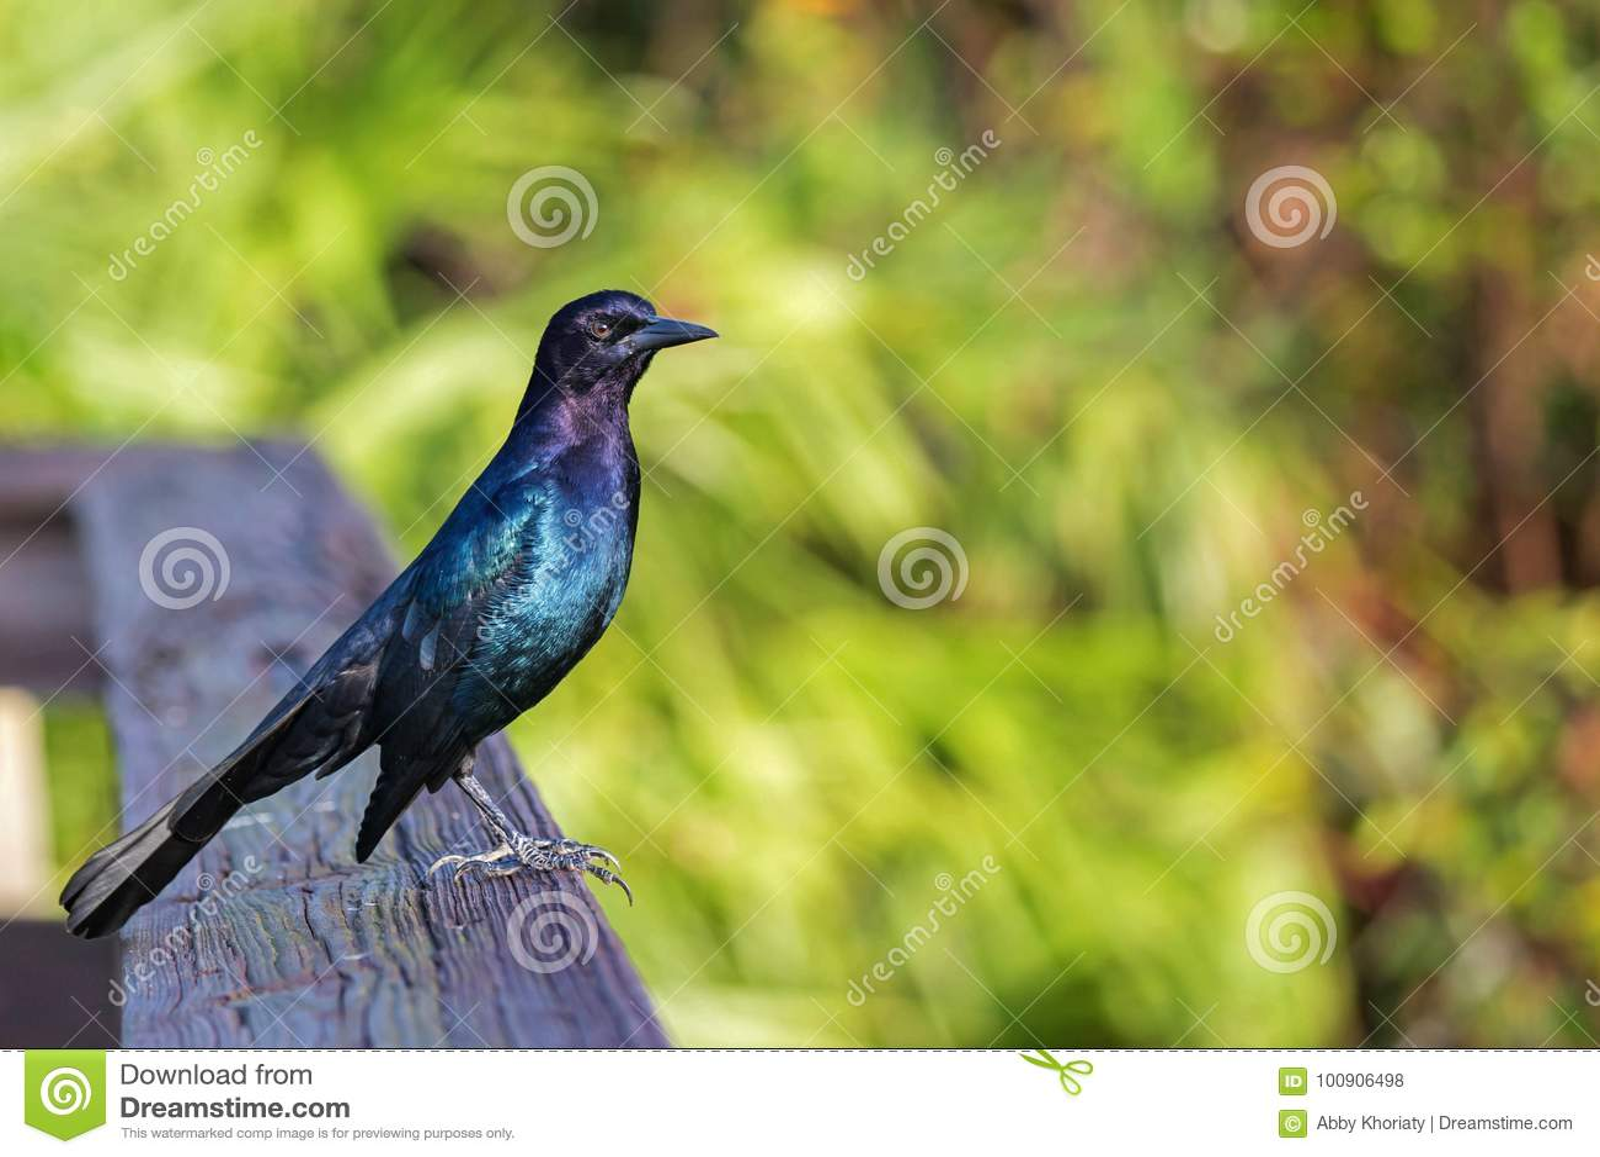 Pássaro comum de Grackle em trilhos